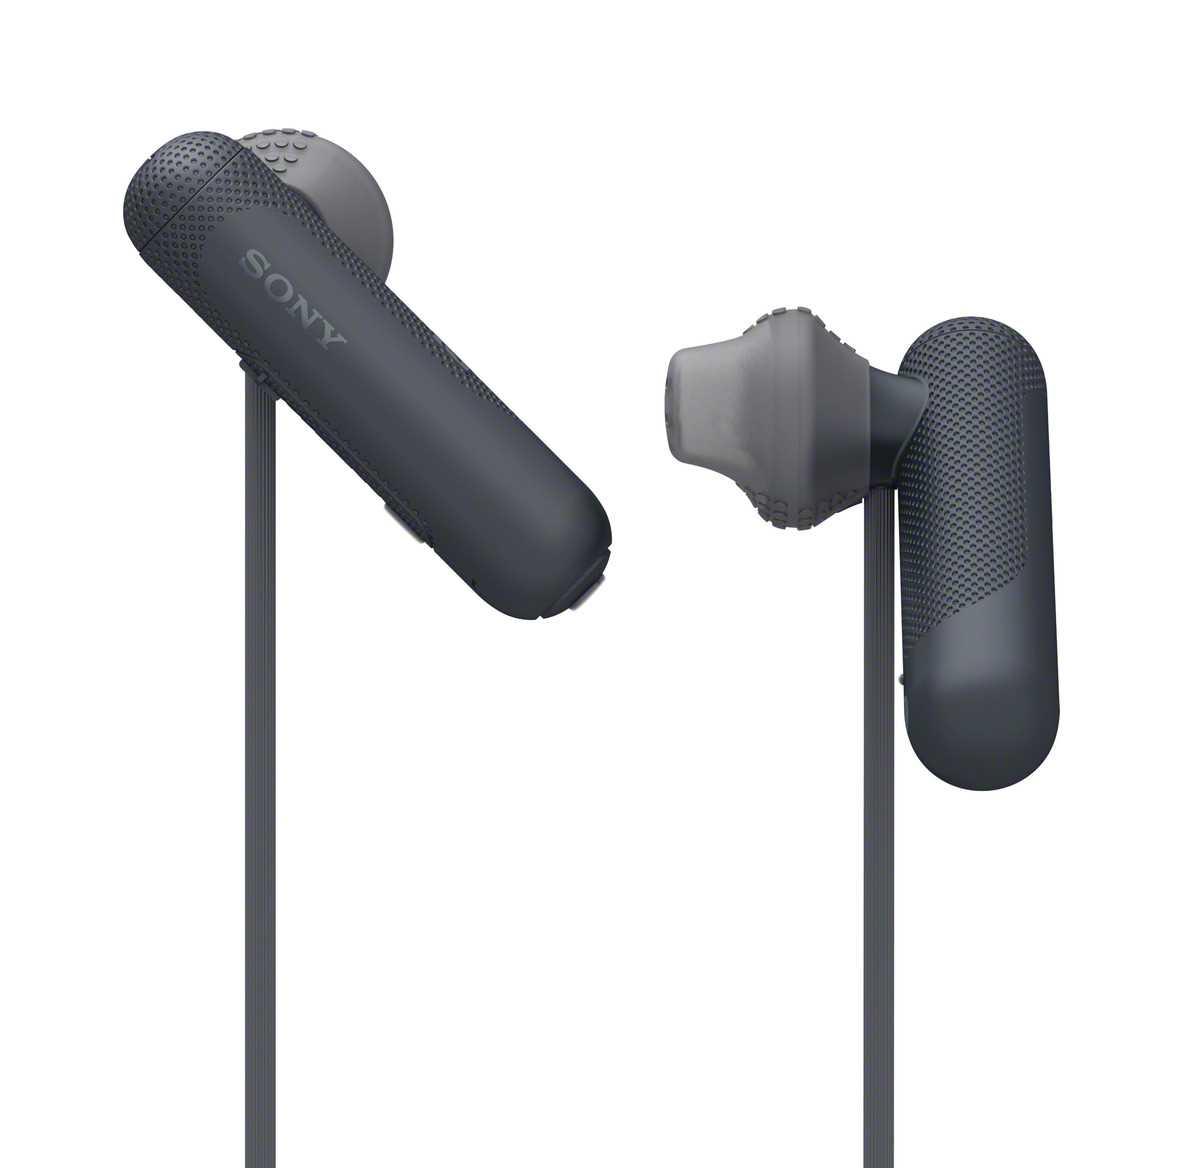 אוזניות Sony WI-SP500B Bluetooth סוני - תמונה 2